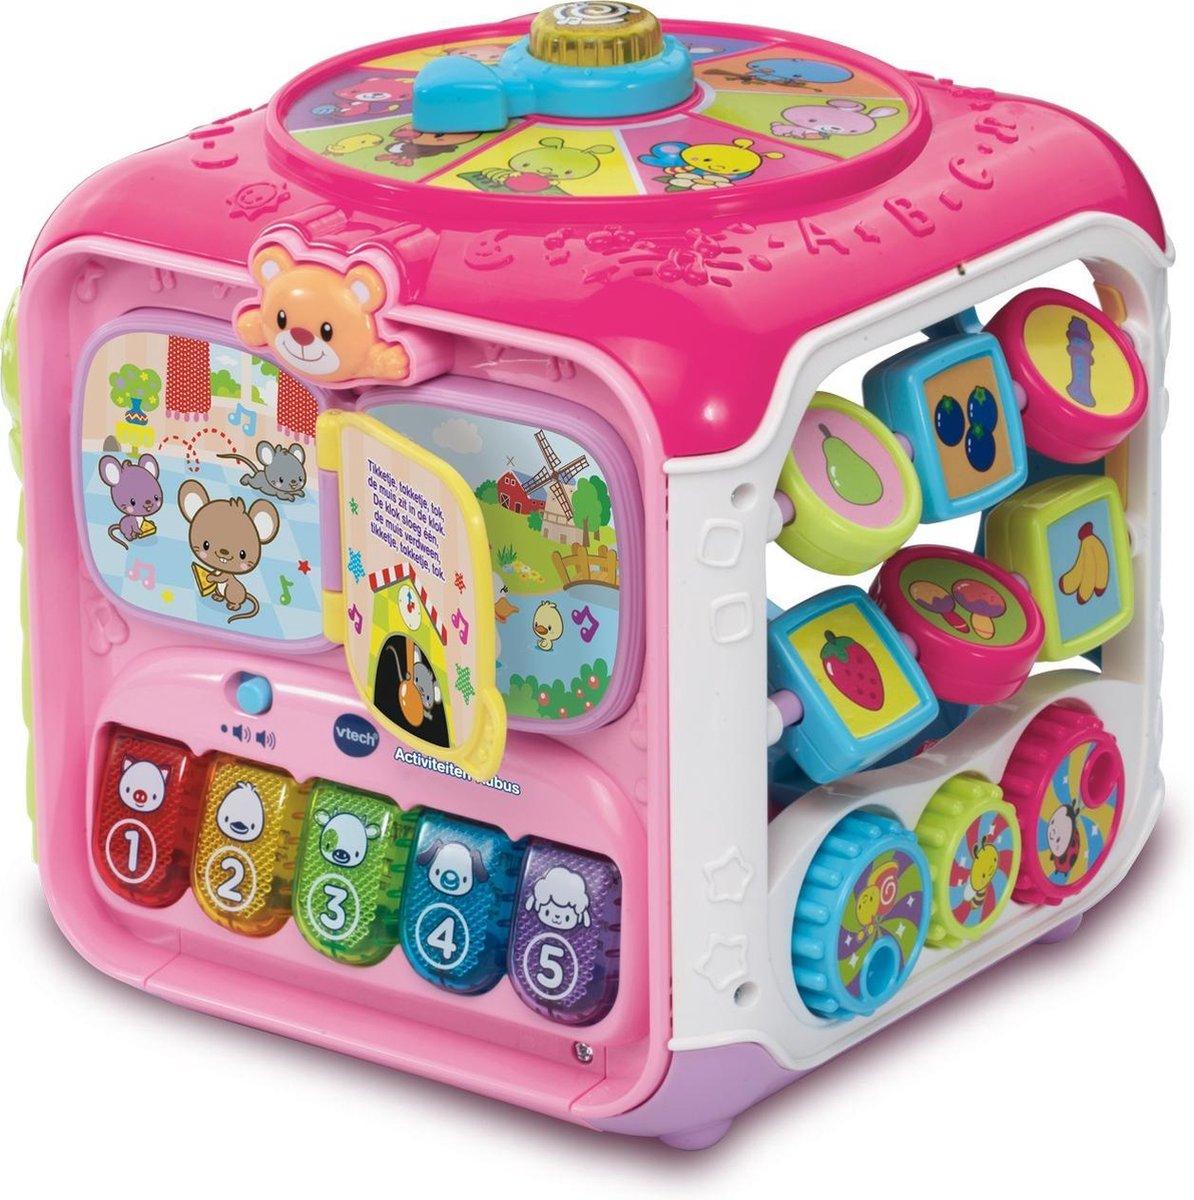 VTech Baby Activiteiten Kubus Roze - Interactieve kubus